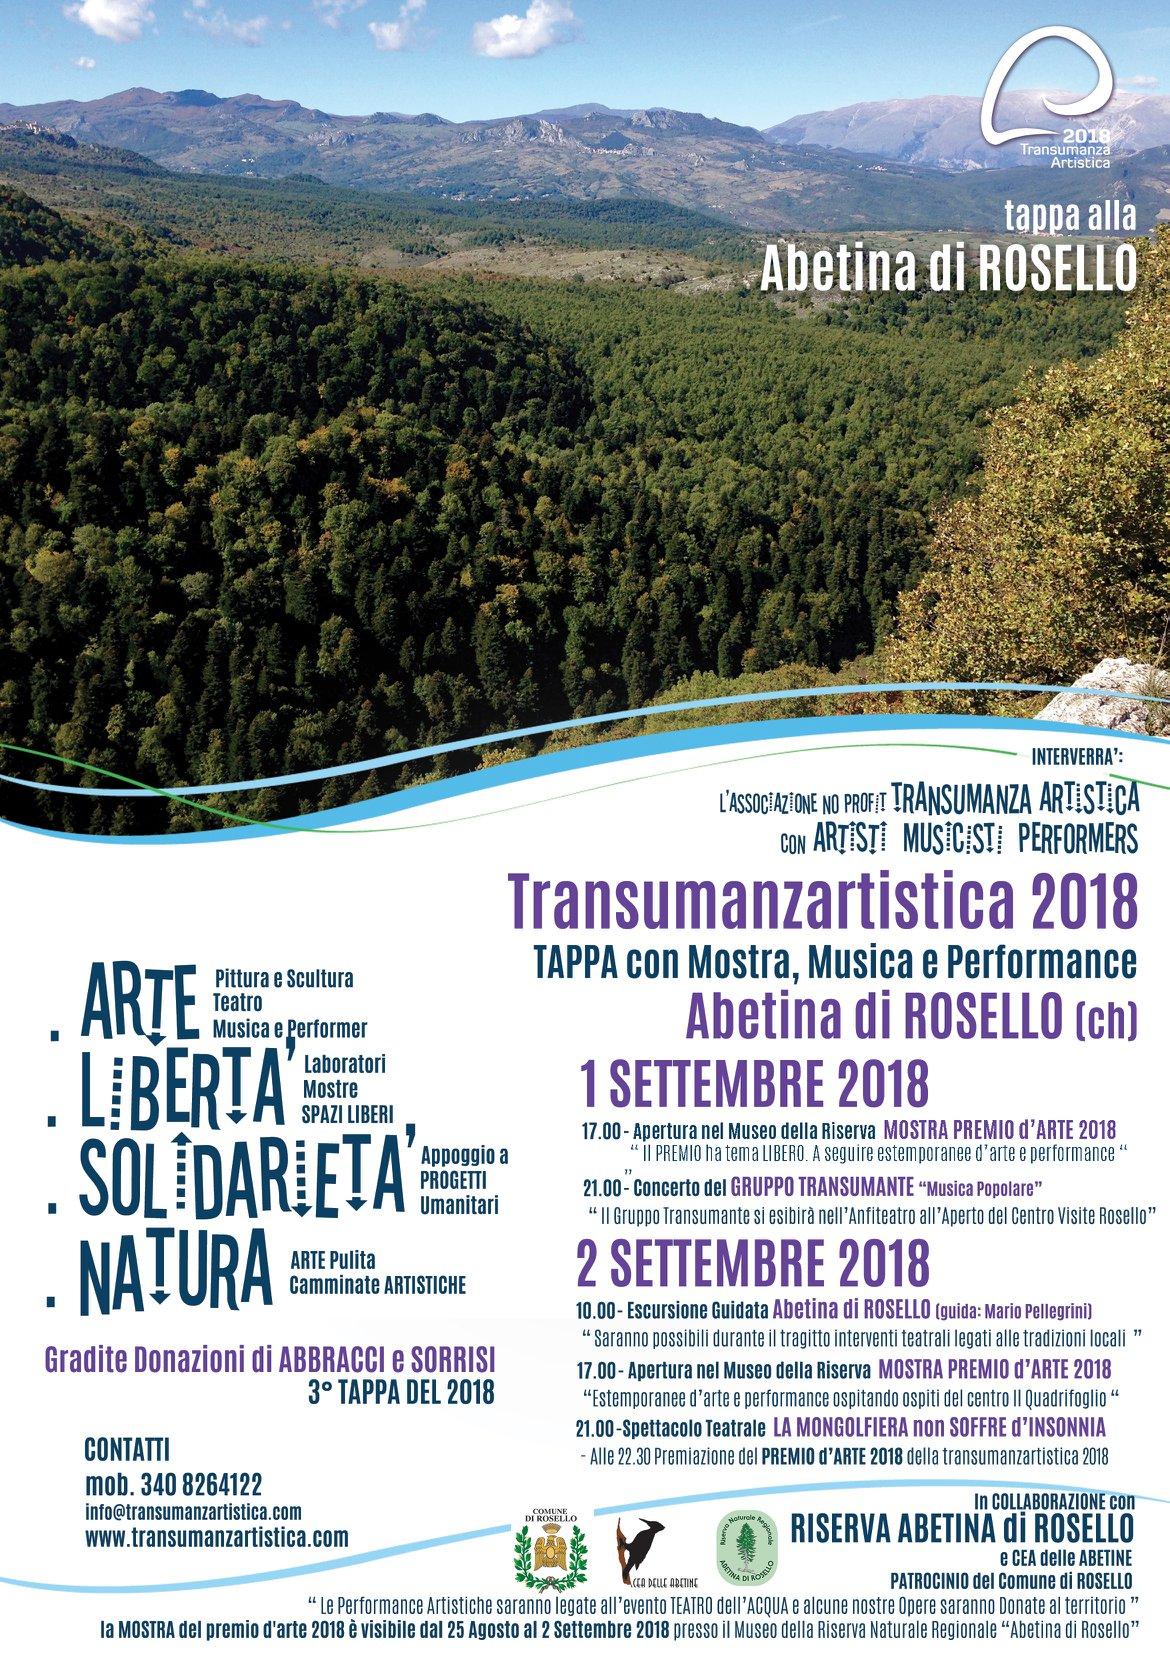 TRANSUMANZARTISTICA 2018 a Rosello e Programma